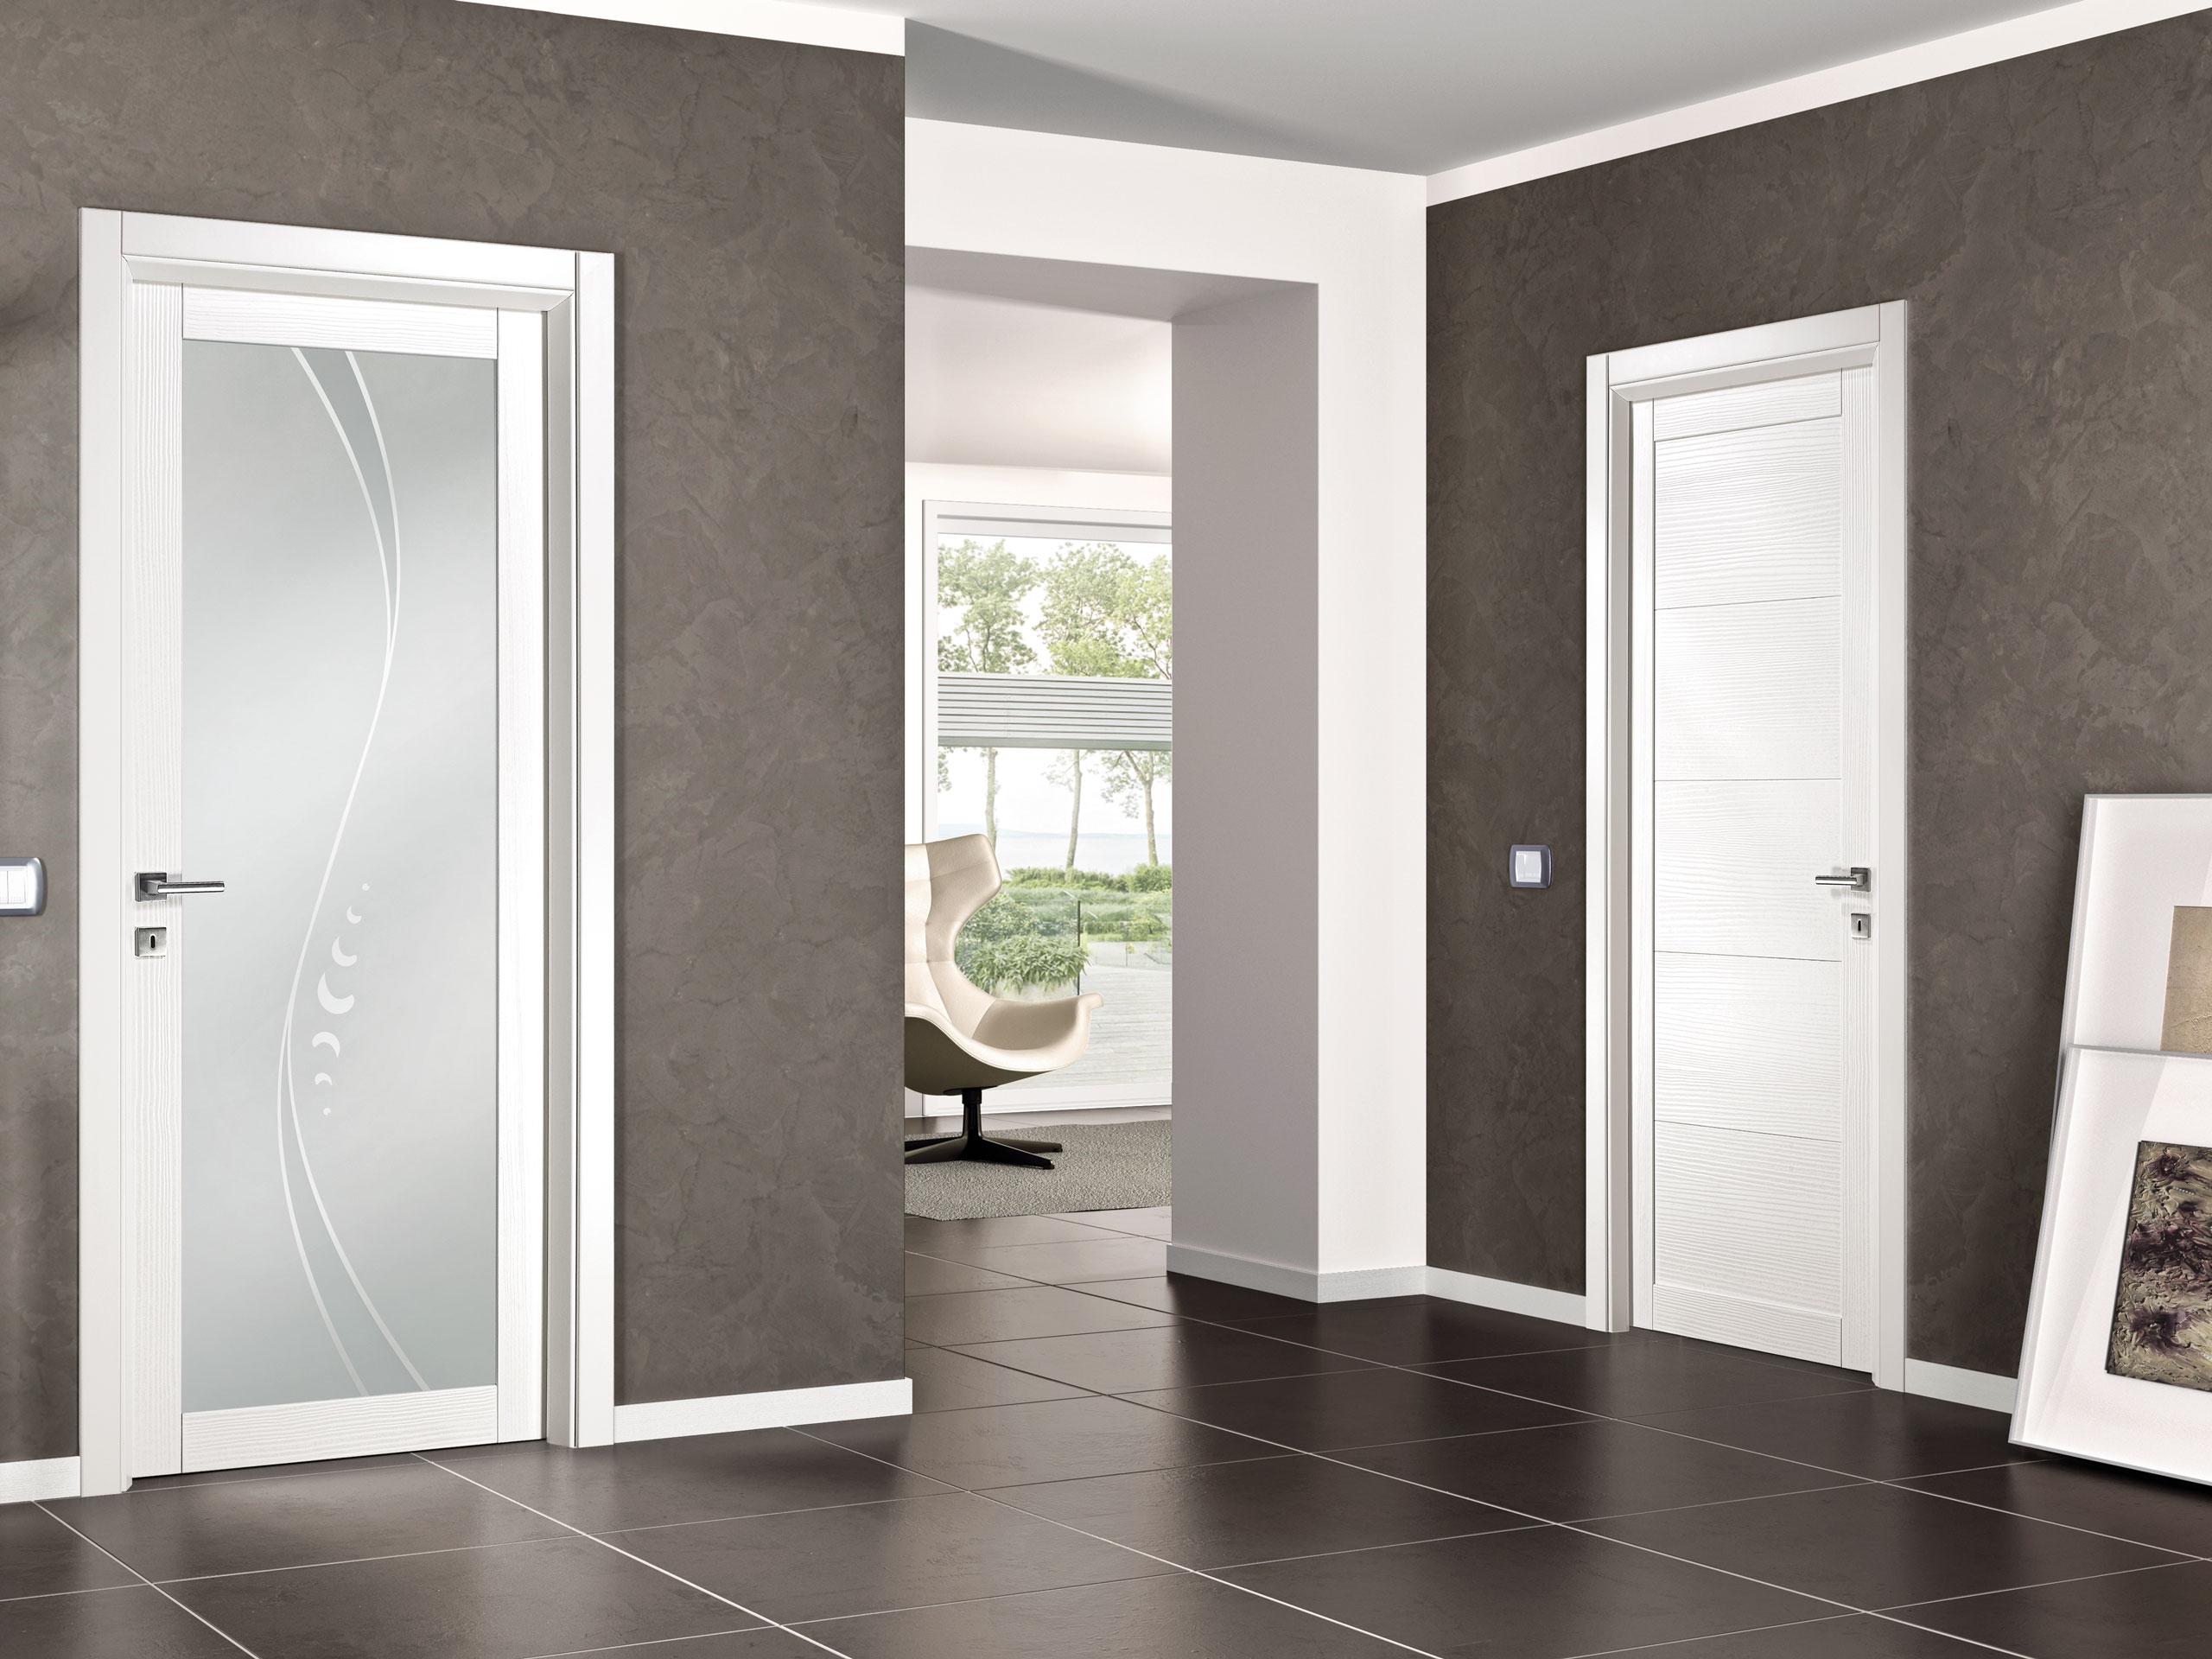 Porte Doppie Per Interni.Fusion Pcm Design Porte D Arredo